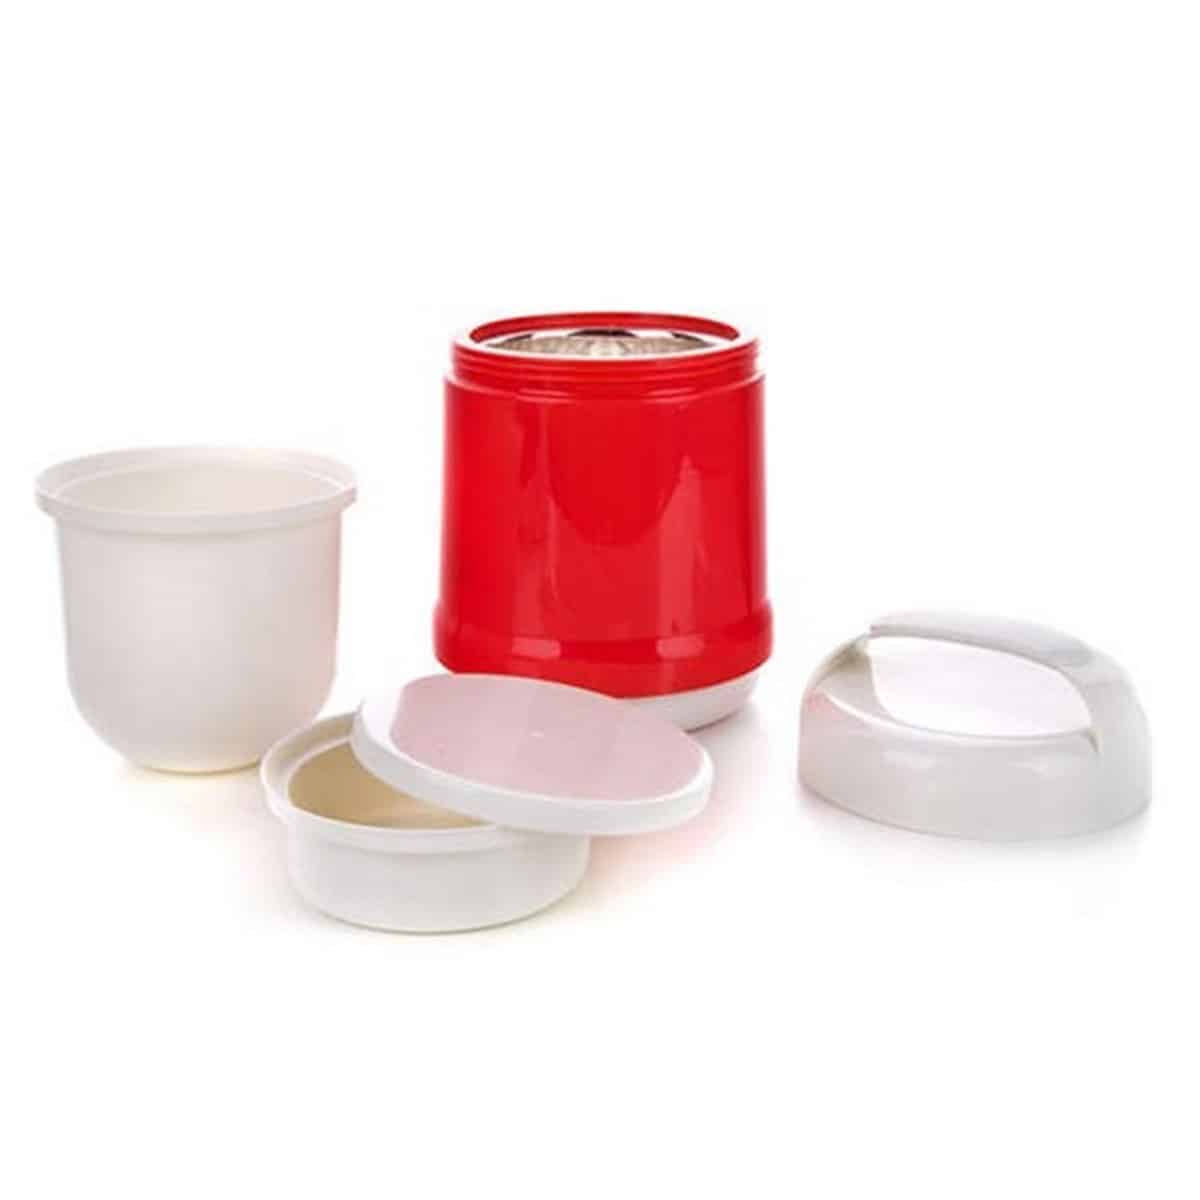 plastova-termoska-na-potraviny-red-culinaria-banquet-1390479390-2full 5199b367d7c